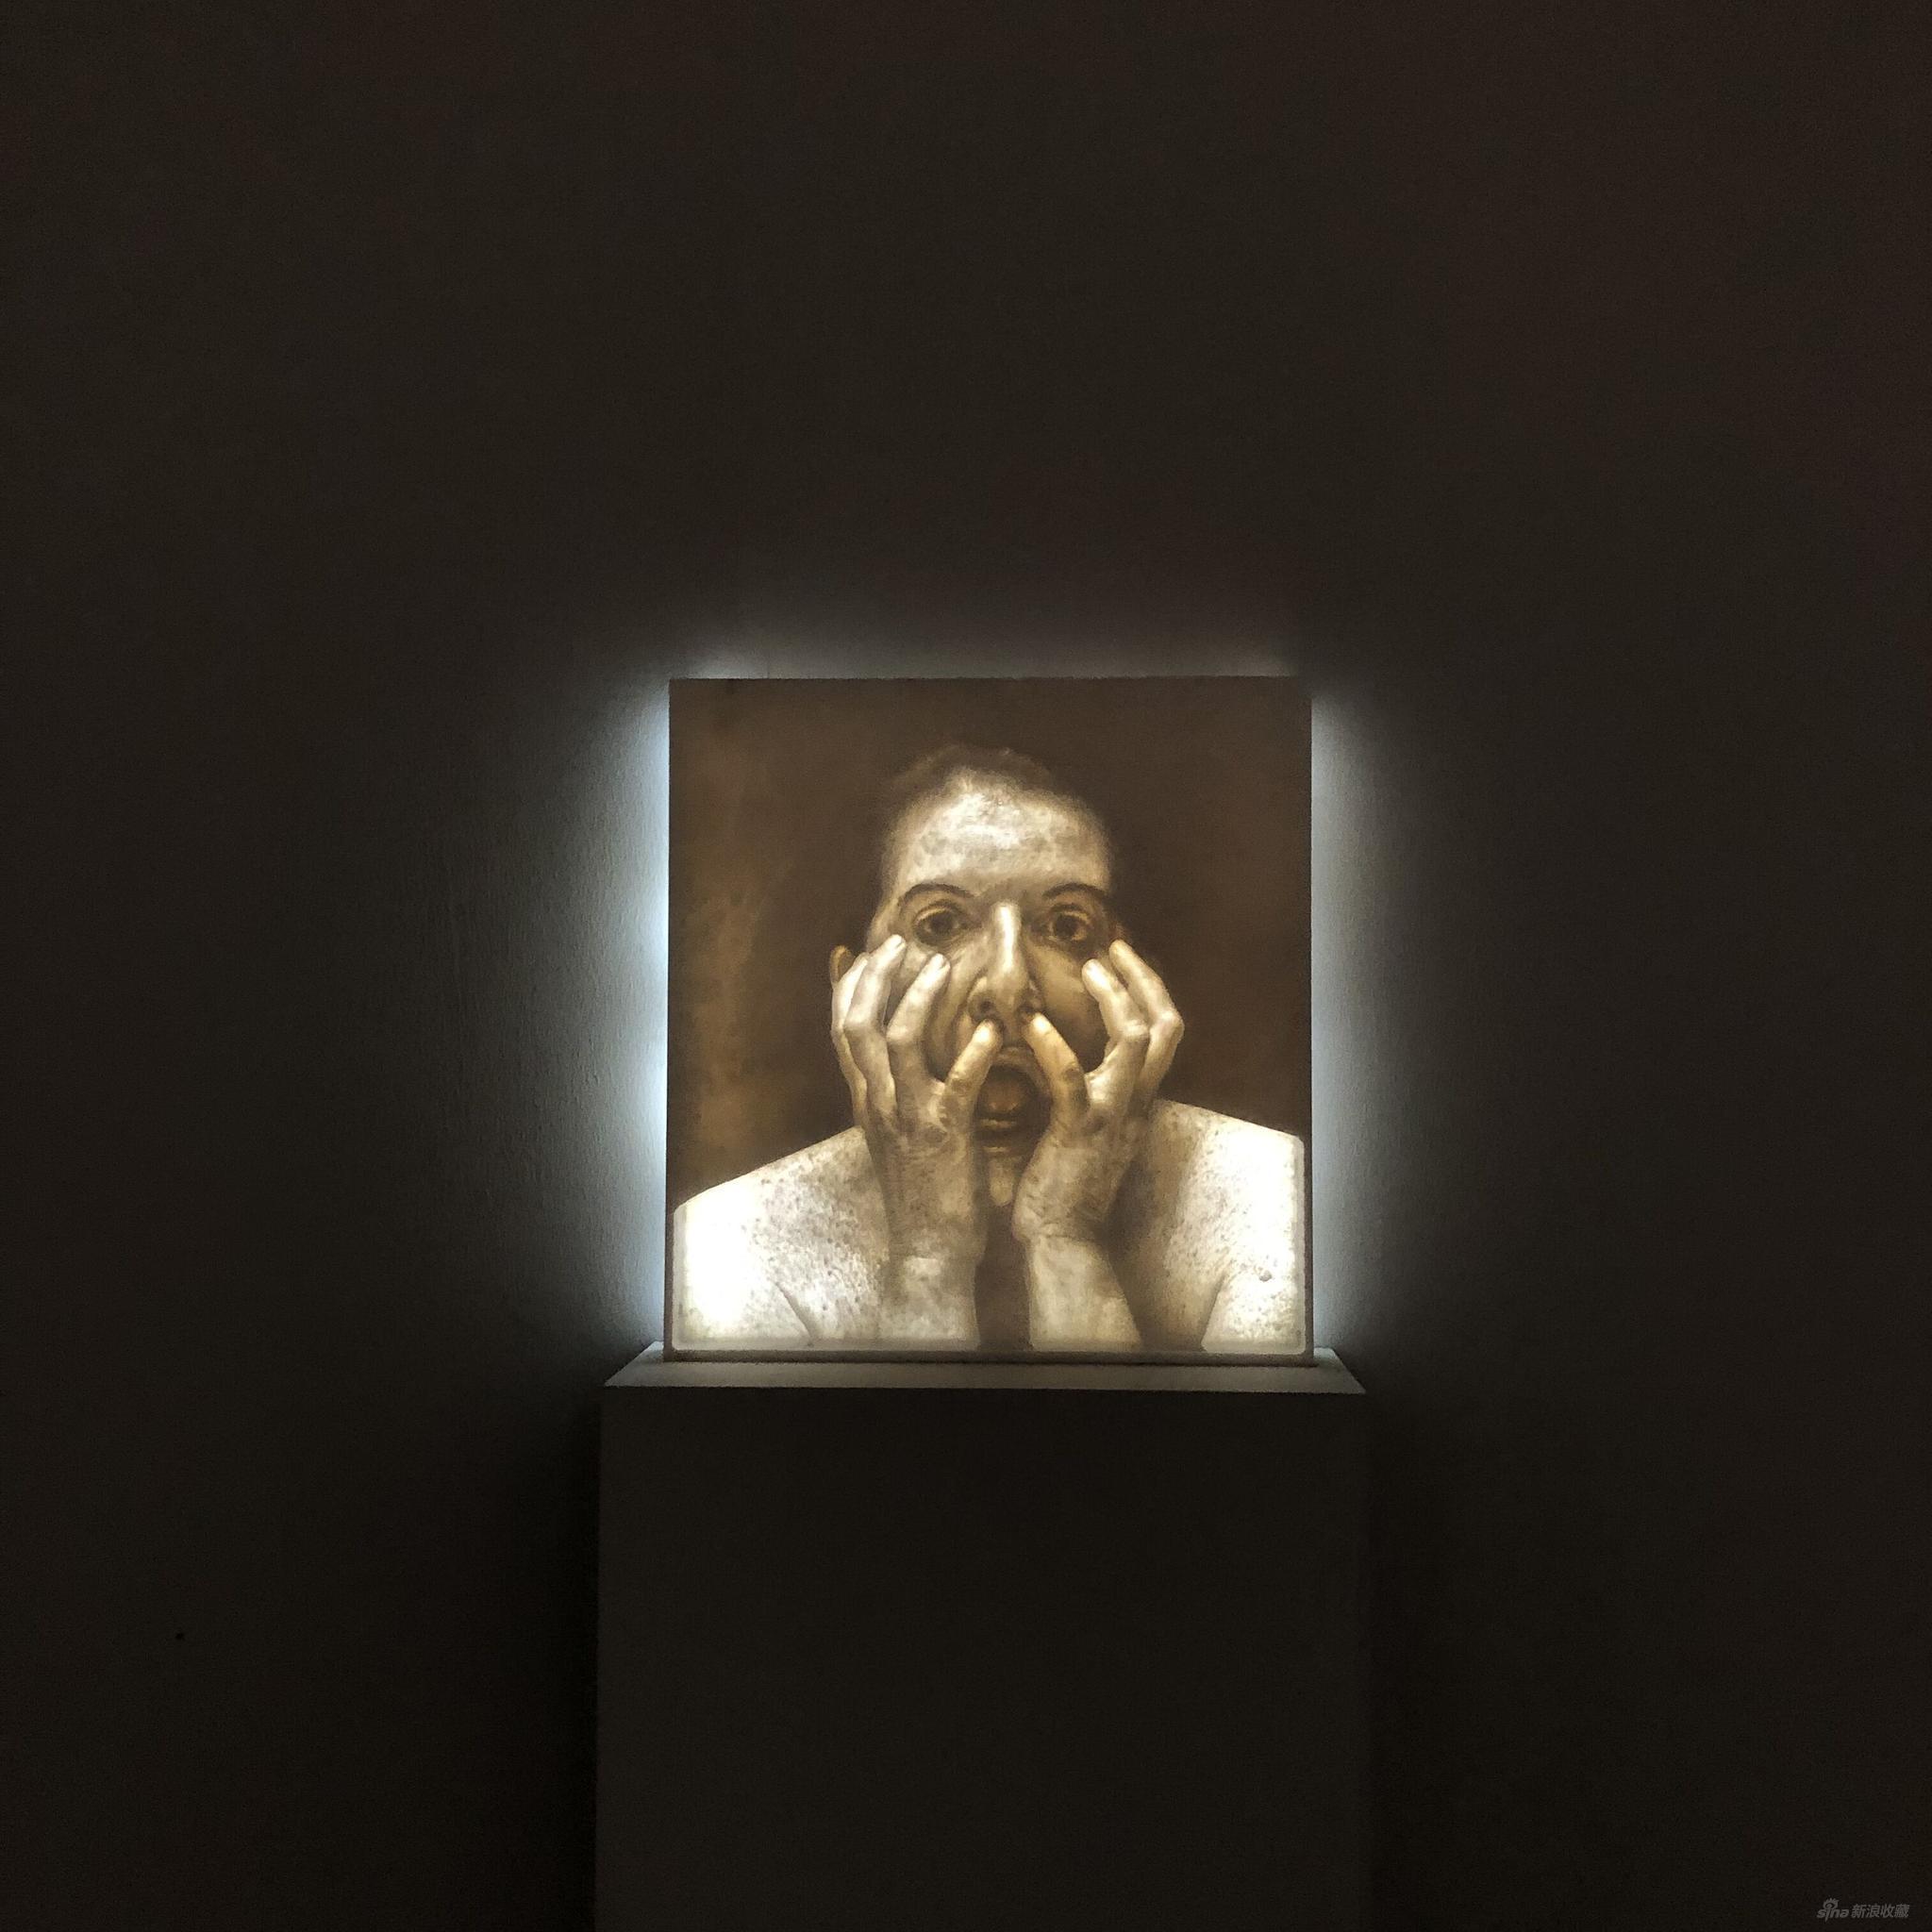 玛丽娜·阿布拉莫维奇 ,The Scream,stage1,2013年,作品归属:里森画廊